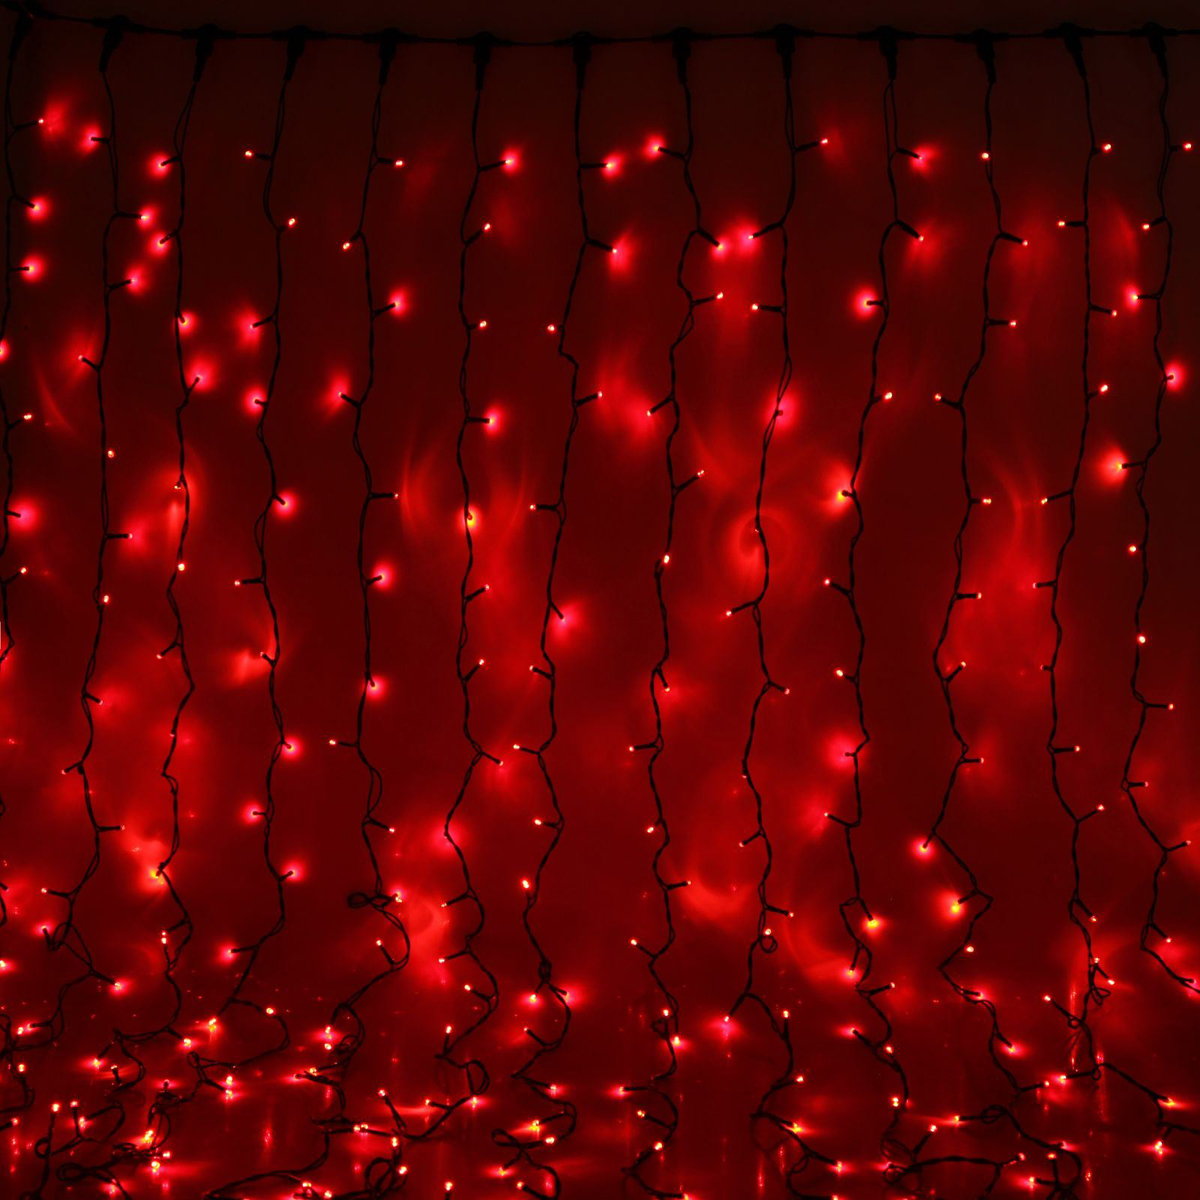 Гирлянда светодиодная Luazon Занавес, цвет: красный, уличная, 760 ламп, 220 V, 2 х 3 м. 10802511080251Гирлянда светодиодная Luazon Занавес - это отличный вариант для новогоднего оформления интерьера или фасада. С ее помощью помещение любого размера можно превратить в праздничный зал, а внешние элементы зданий, украшенные гирляндой, мгновенно станут напоминать очертания сказочного дворца. Такое украшение создаст ауру предвкушения чуда. Деревья, фасады, витрины, окна и арки будто специально созданы, чтобы вы украсили их светящимися нитями.